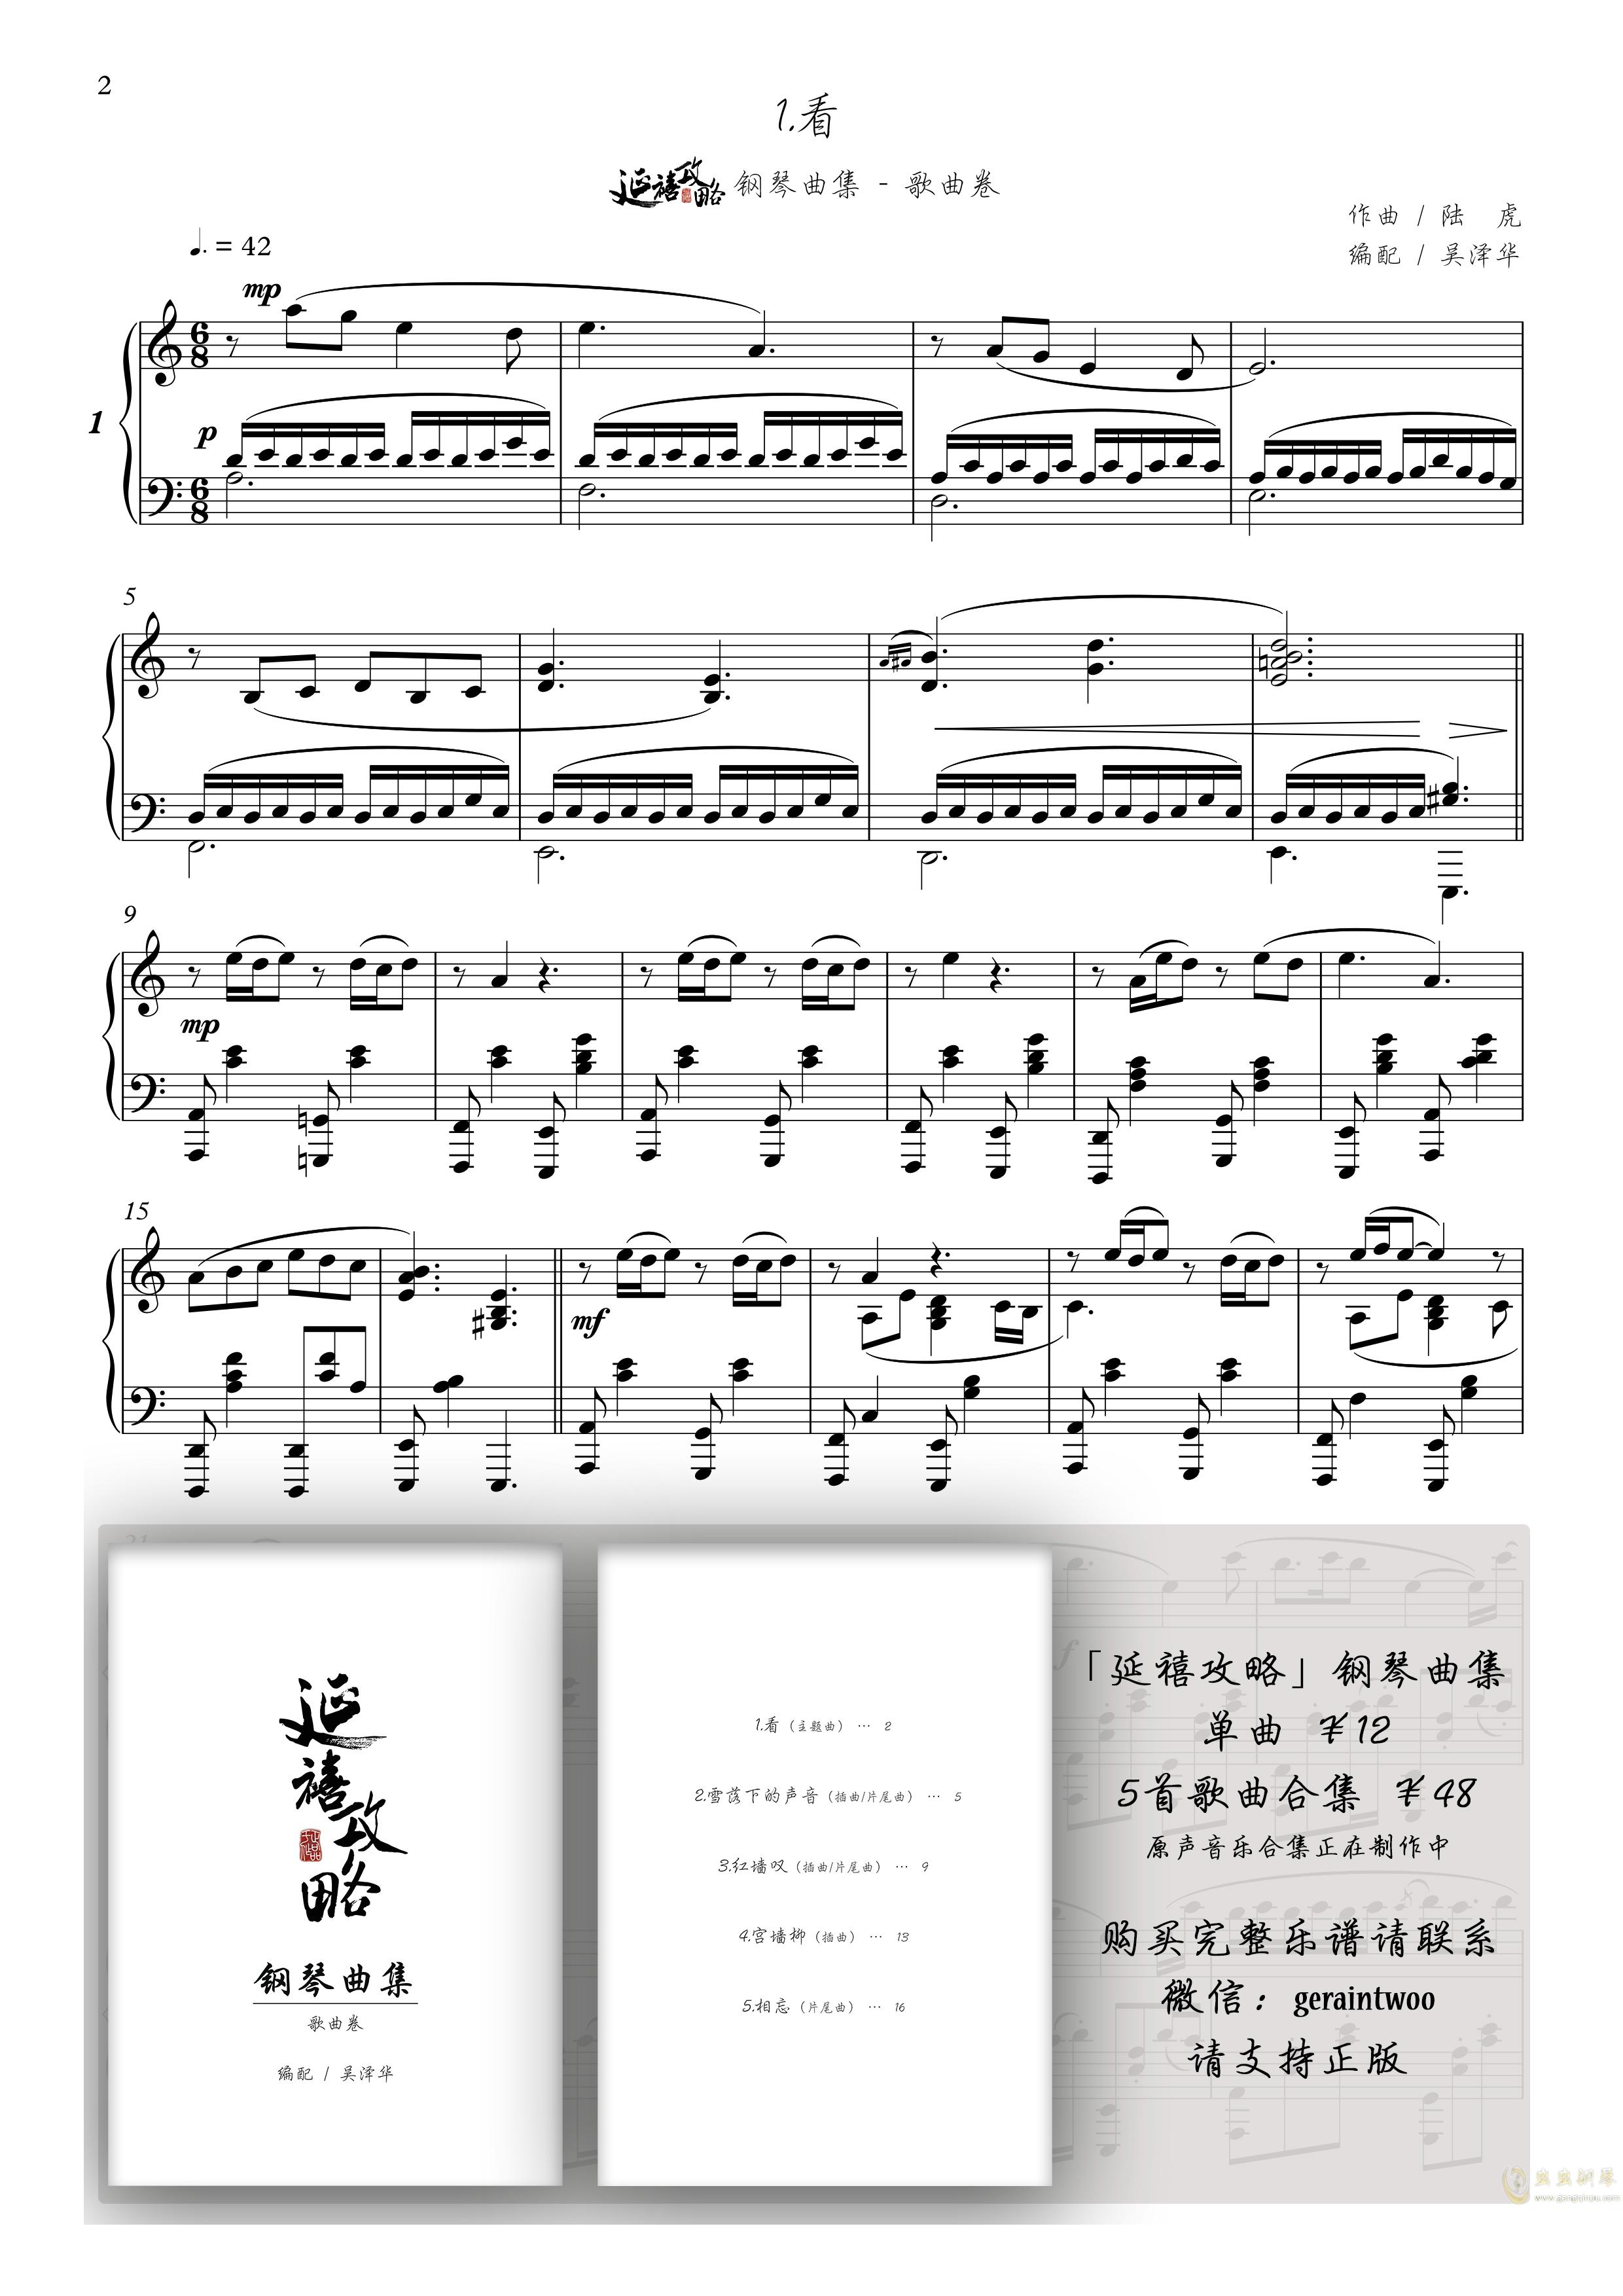 看钢琴谱 第1页